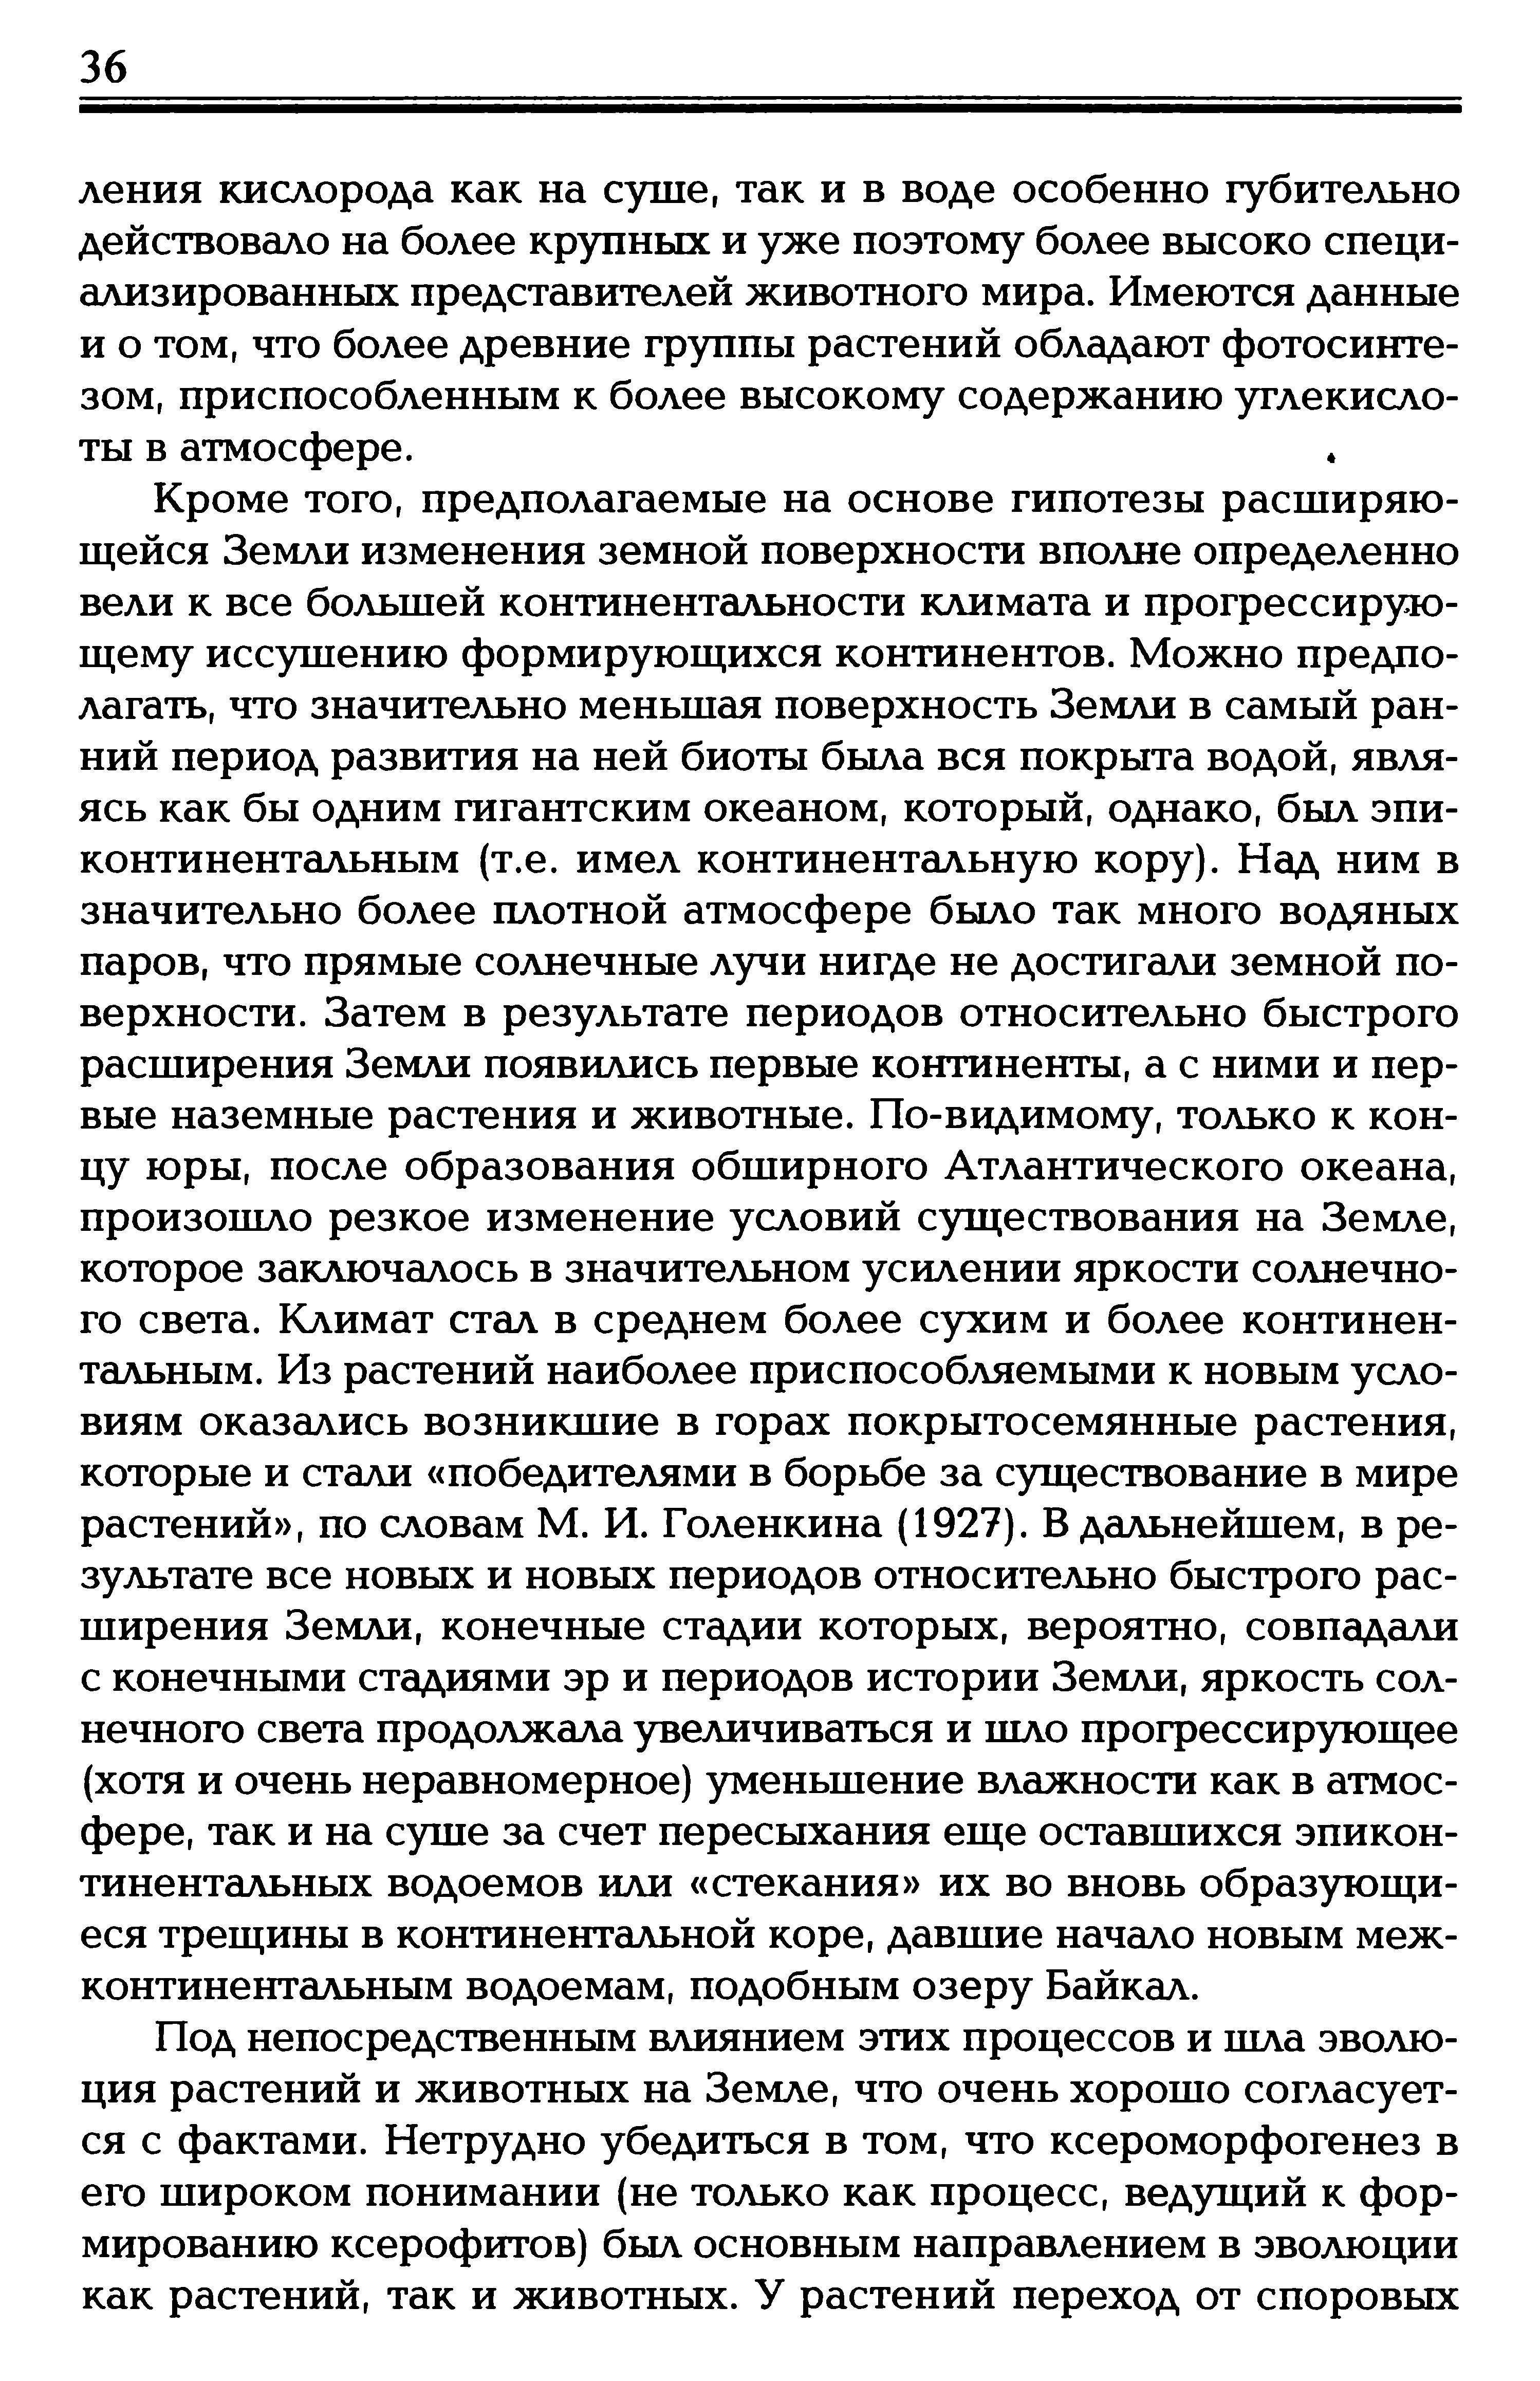 Tzvelev, 2005_2_4.jpg